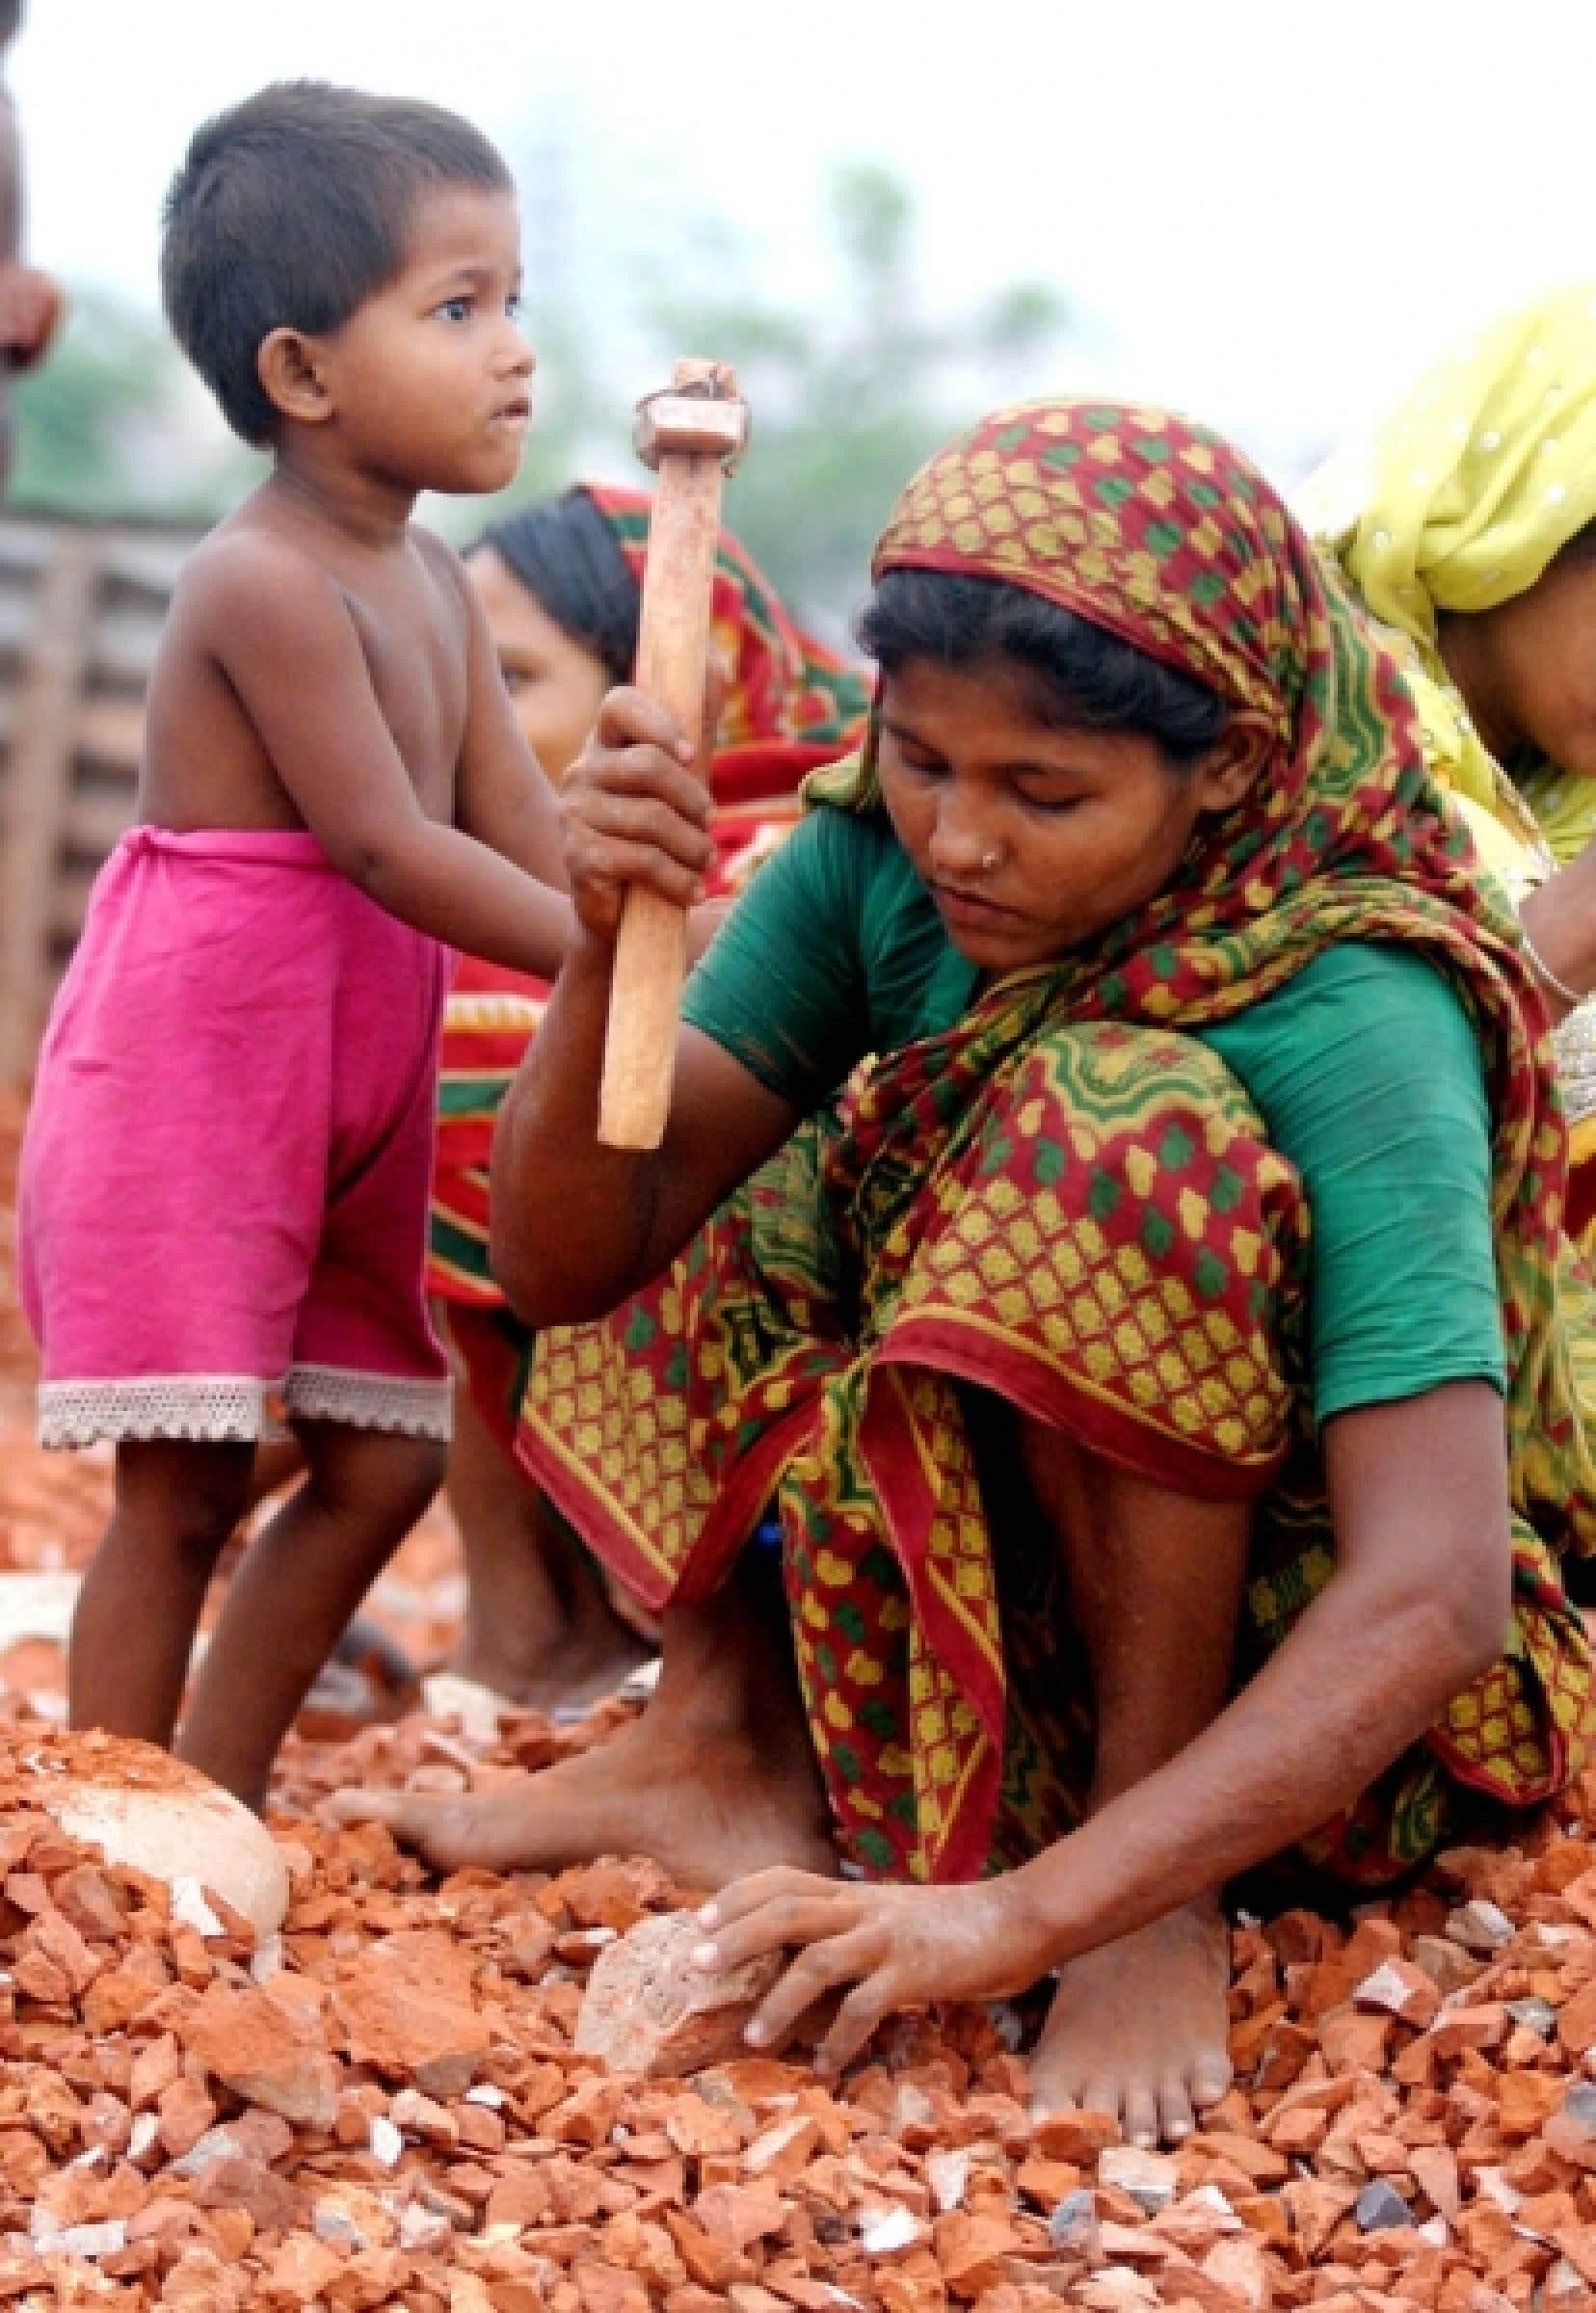 Femme travaillant dans une briqueterie au Bangladesh. Les femmes pauvres peuvent être considérées comme le «paradigme de l'humanité blessée et des écosystèmes menacés».<br />